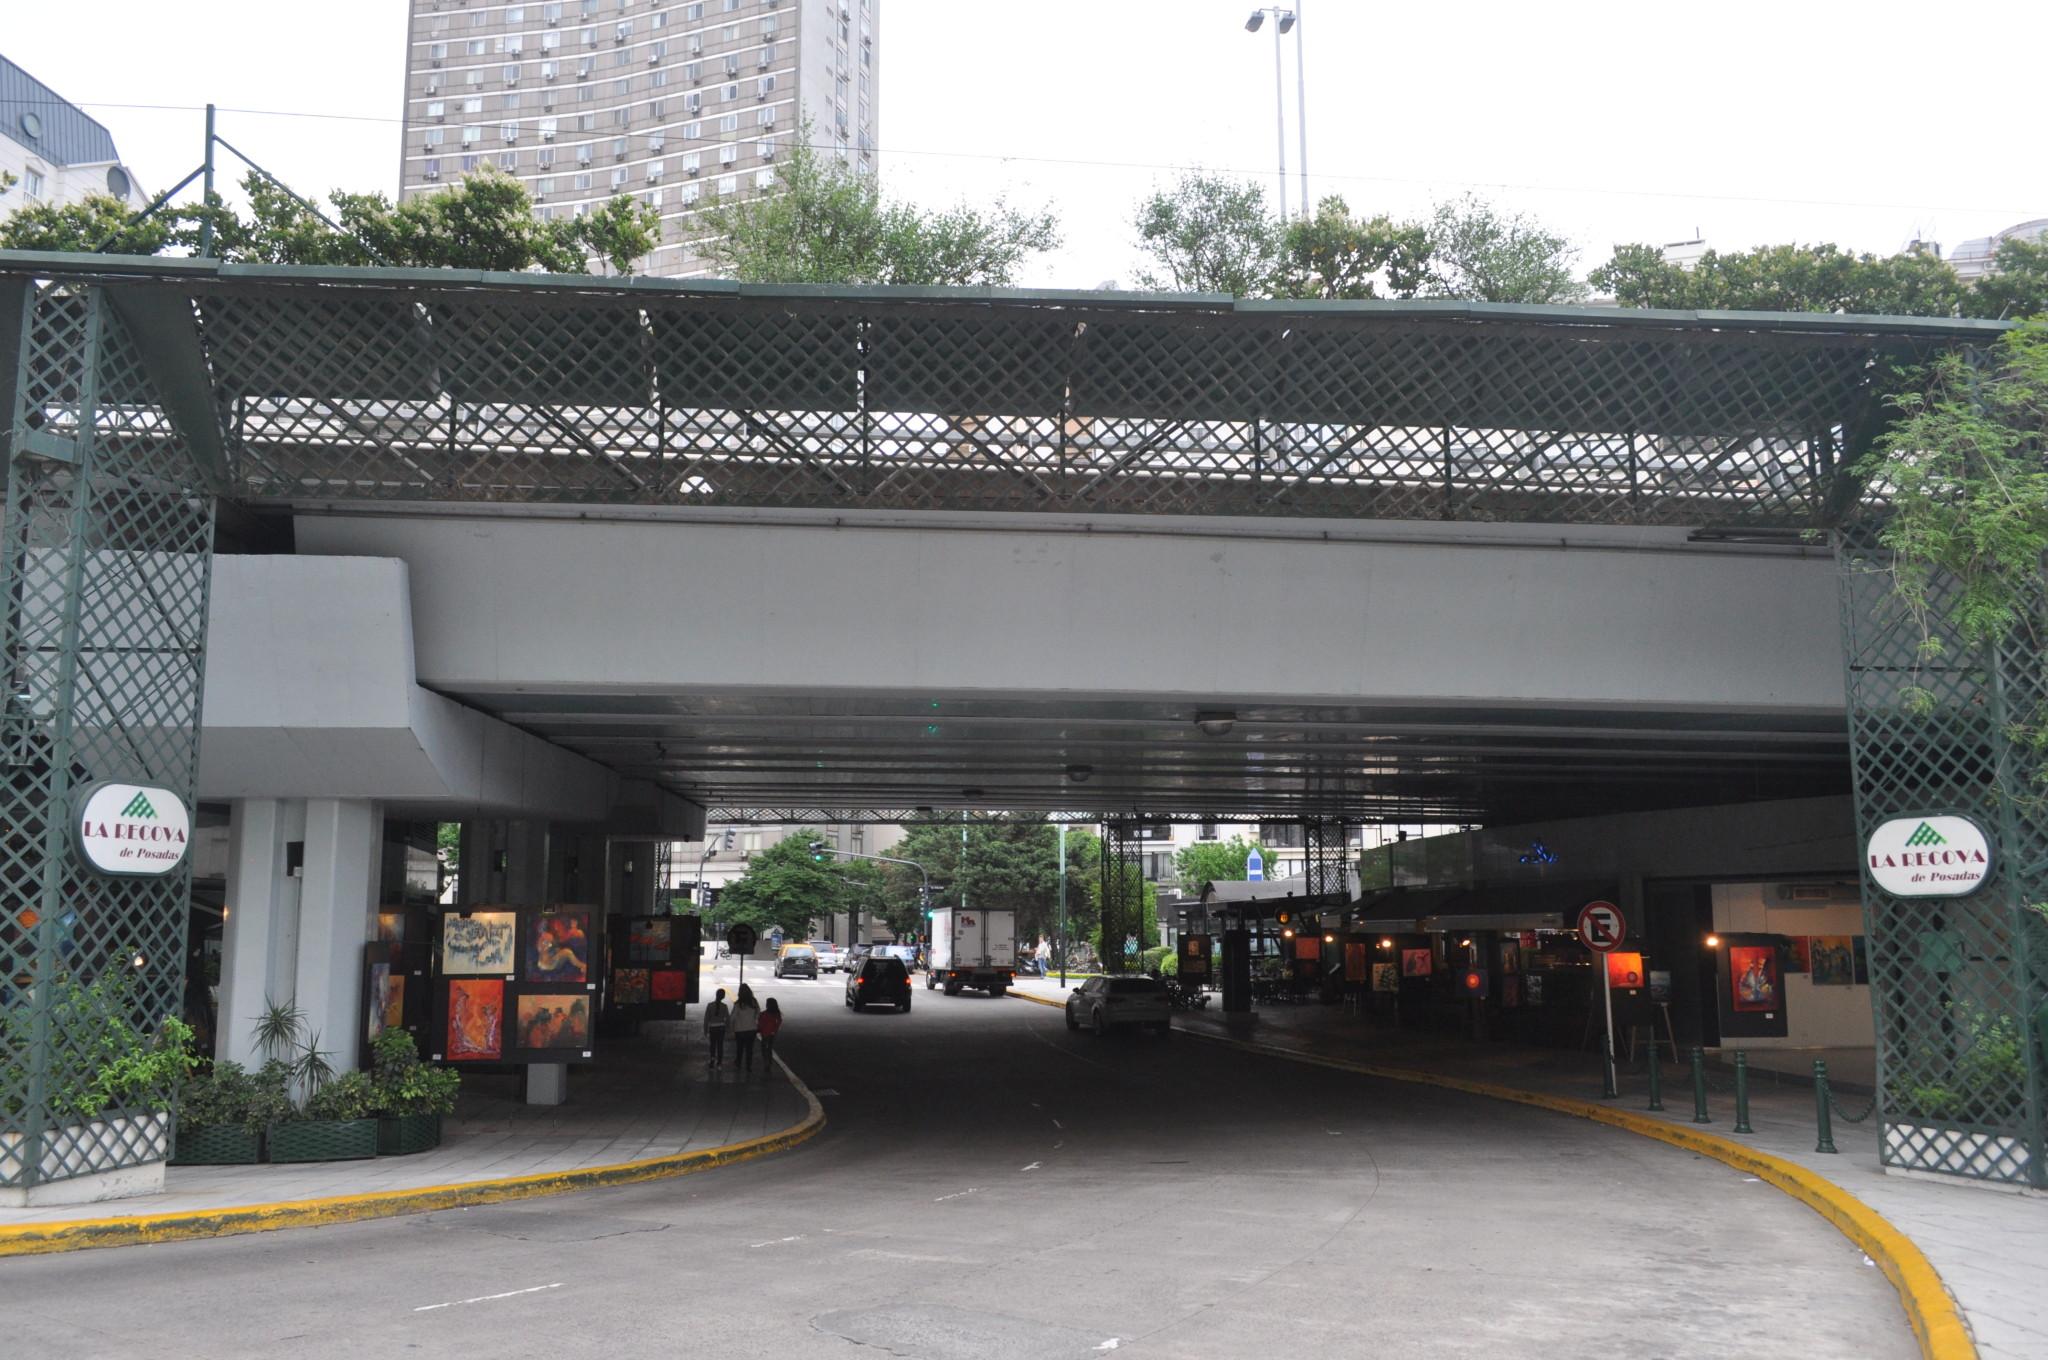 Image: Luiza Senna / Urbanopolis